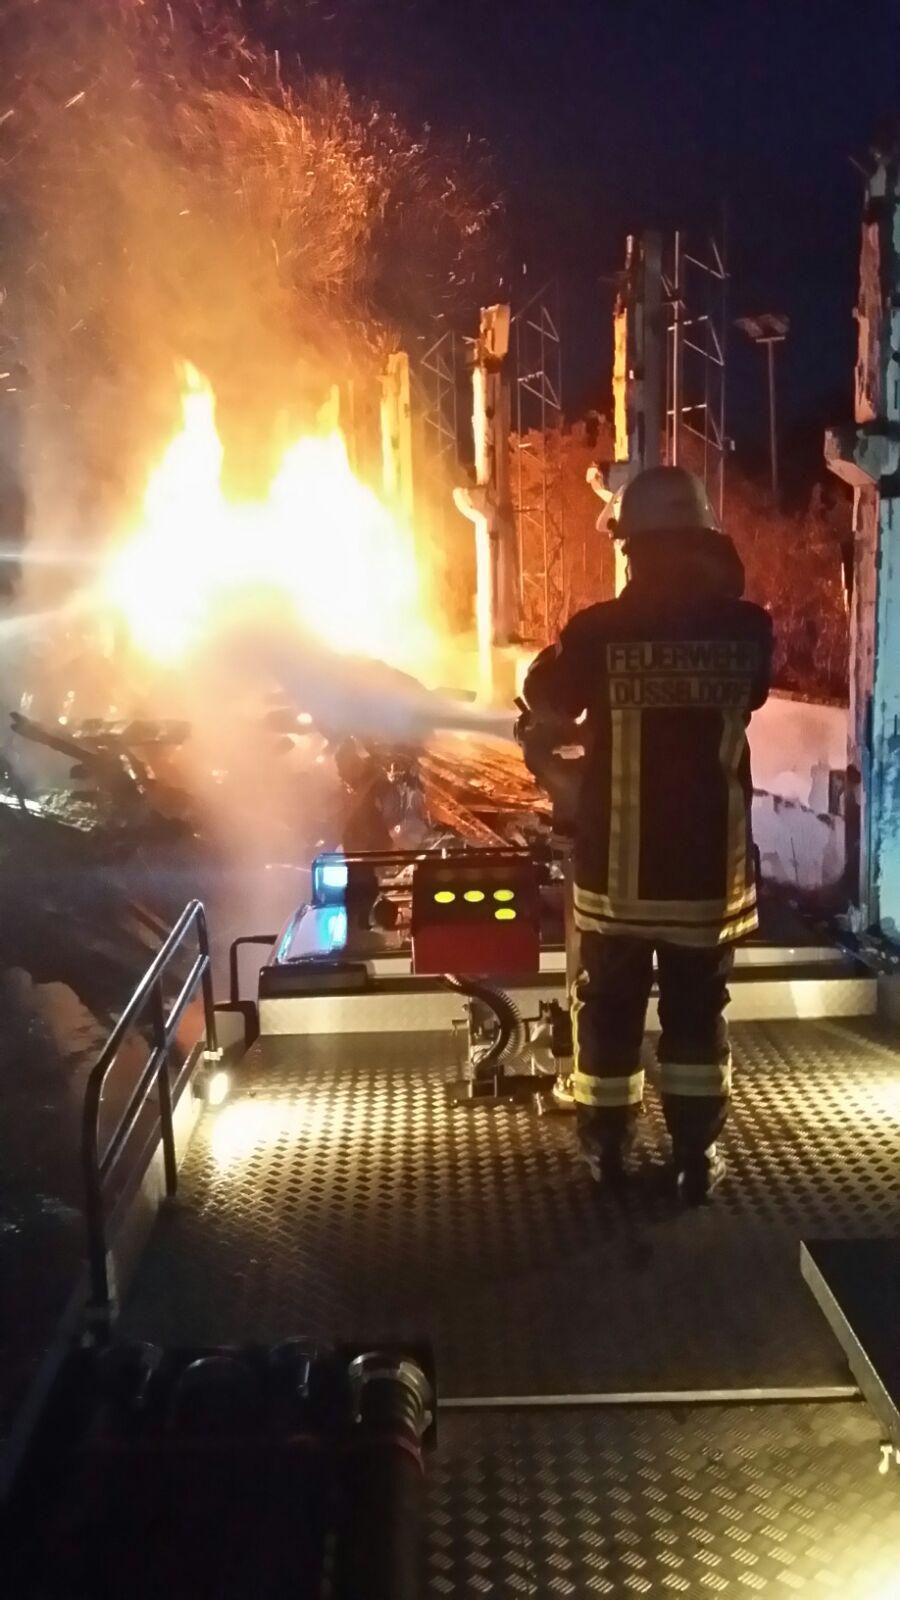 Feuer in ehemaliger Flüchtlingsunterkunft Messehalle 18 (Foto: Feuerwehr Düsseldorf)